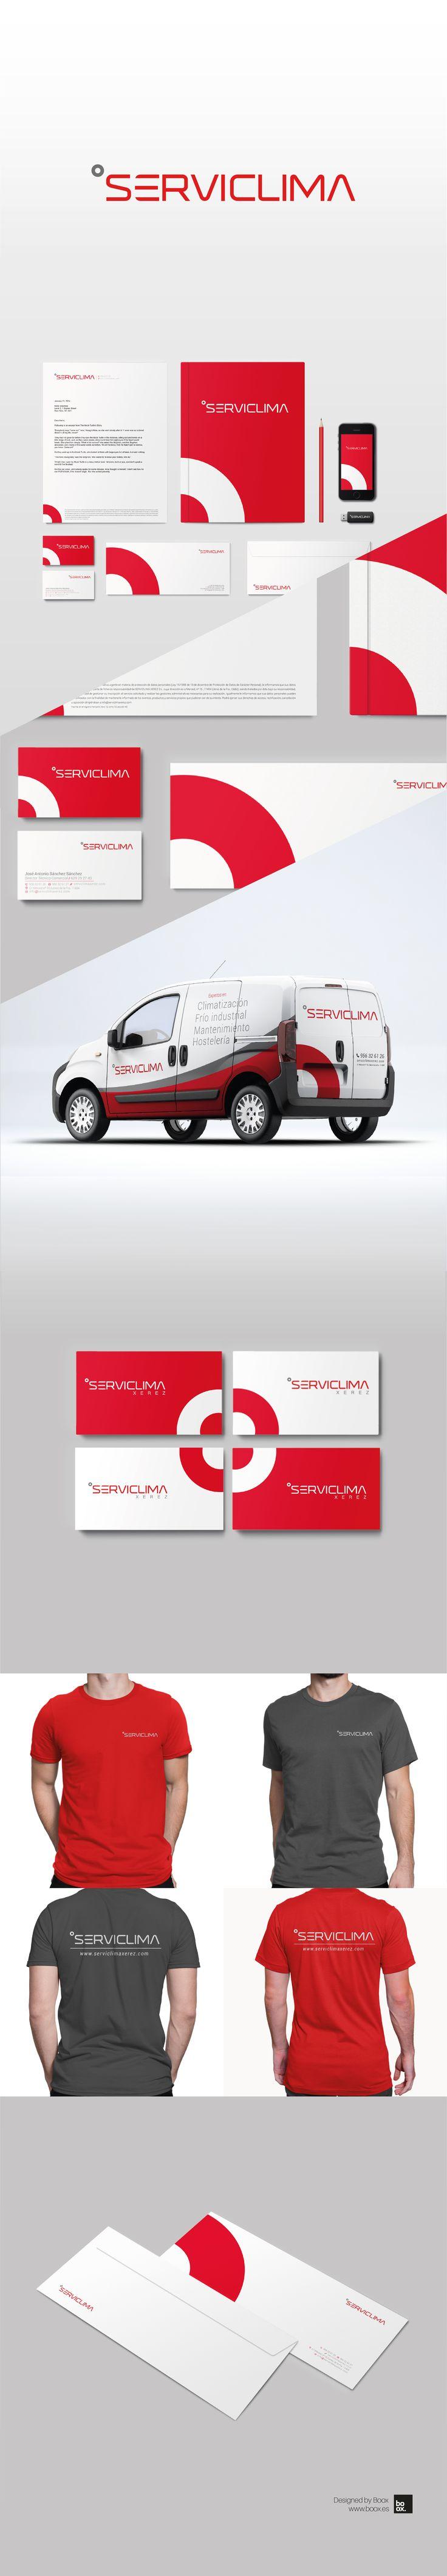 Diseño de branding para Serviclima